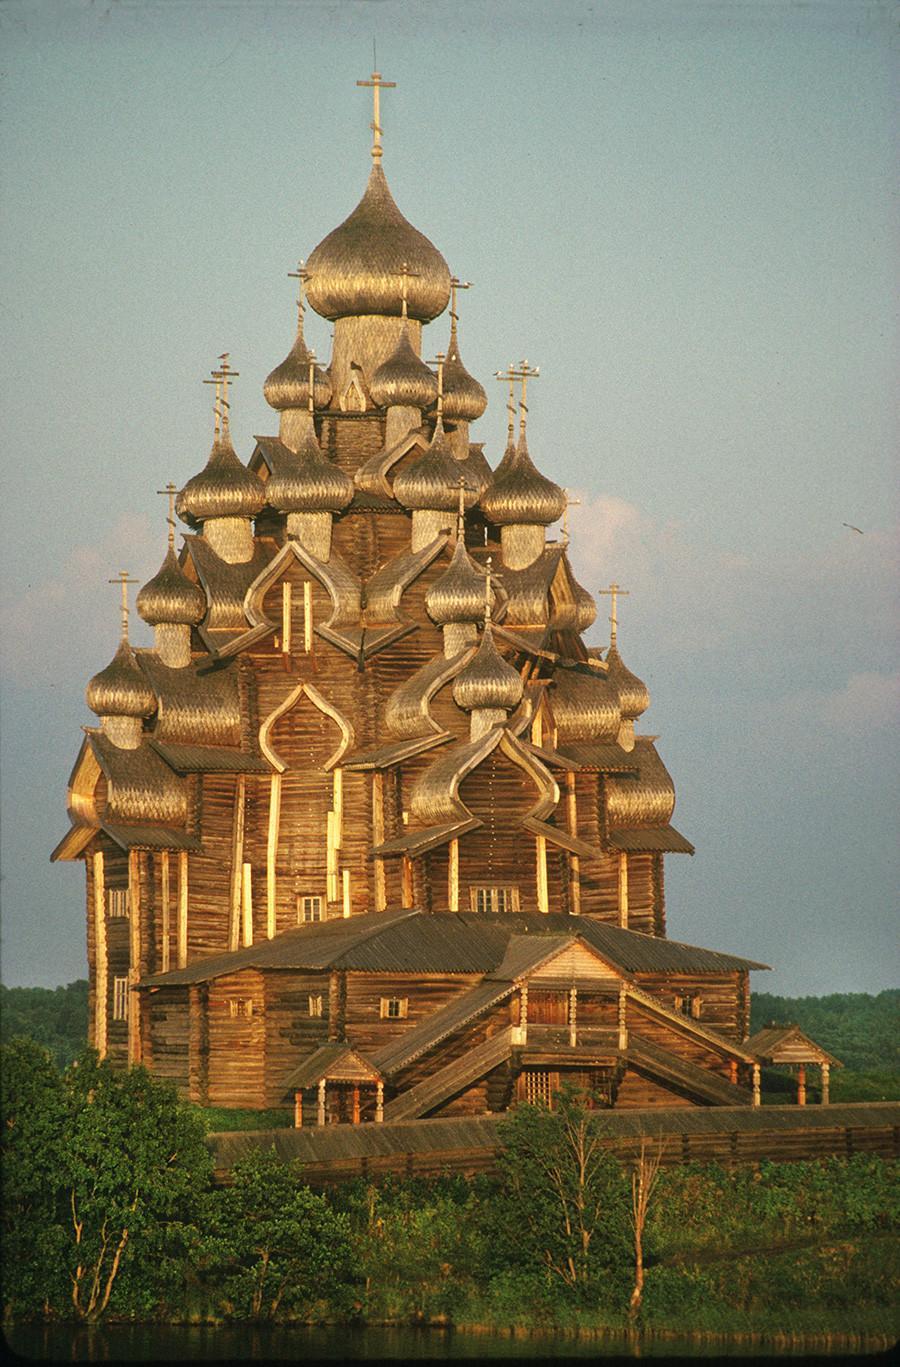 Chiesa della Trasfigurazione. Lato nord-occidentale visto alla luce del sole della tarda sera dopo un temporale. 6 agosto 1991